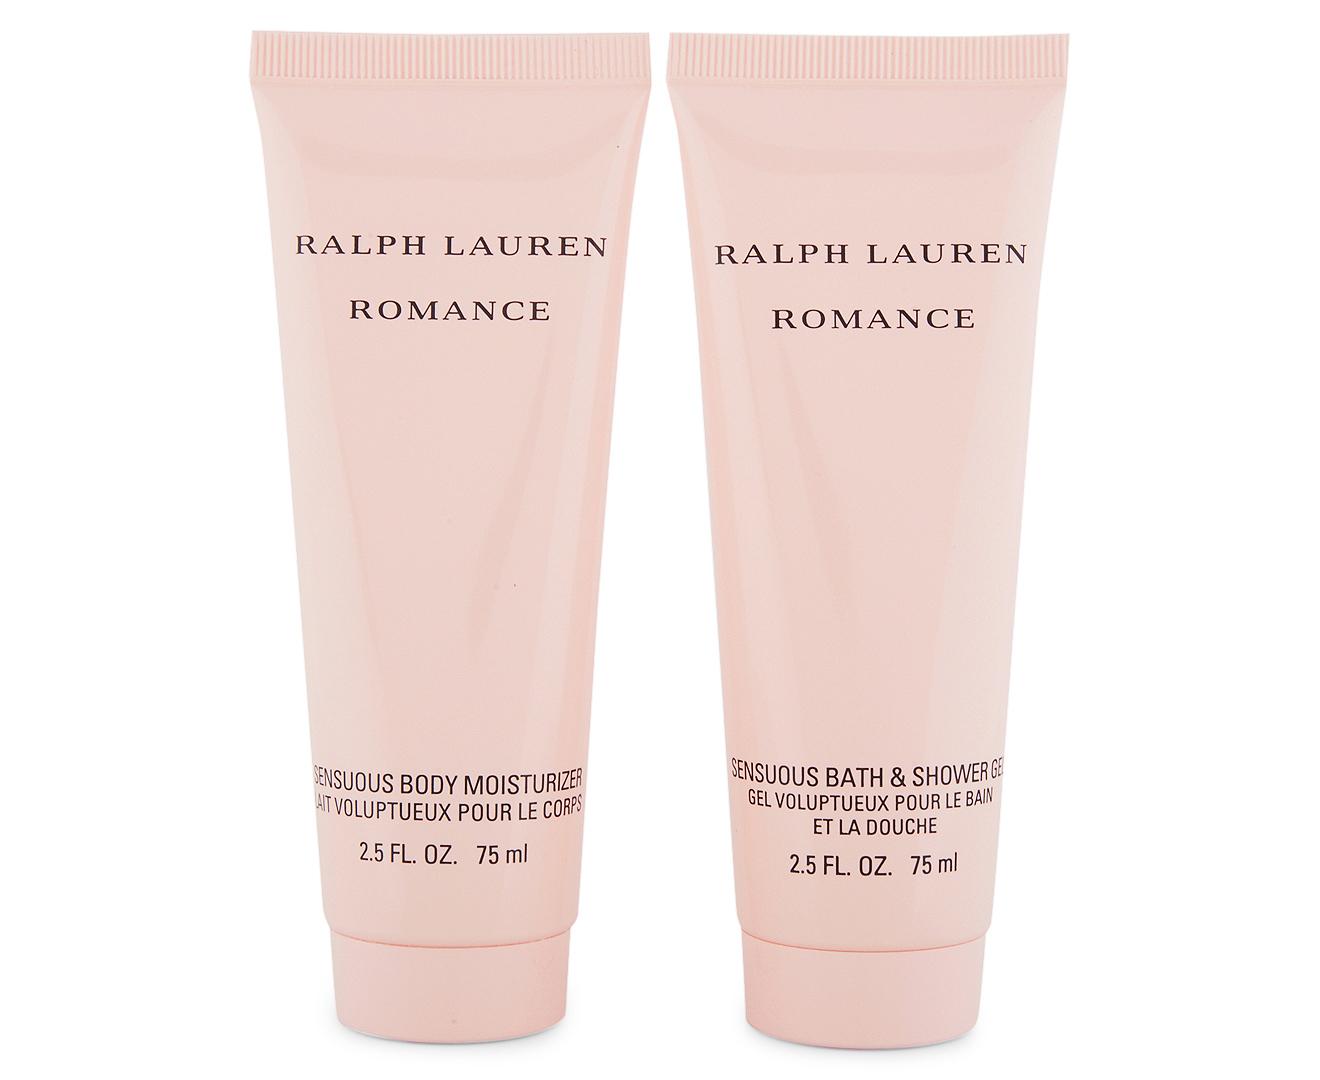 58f04a561 Ralph Lauren Romance 3Pc Gift Set